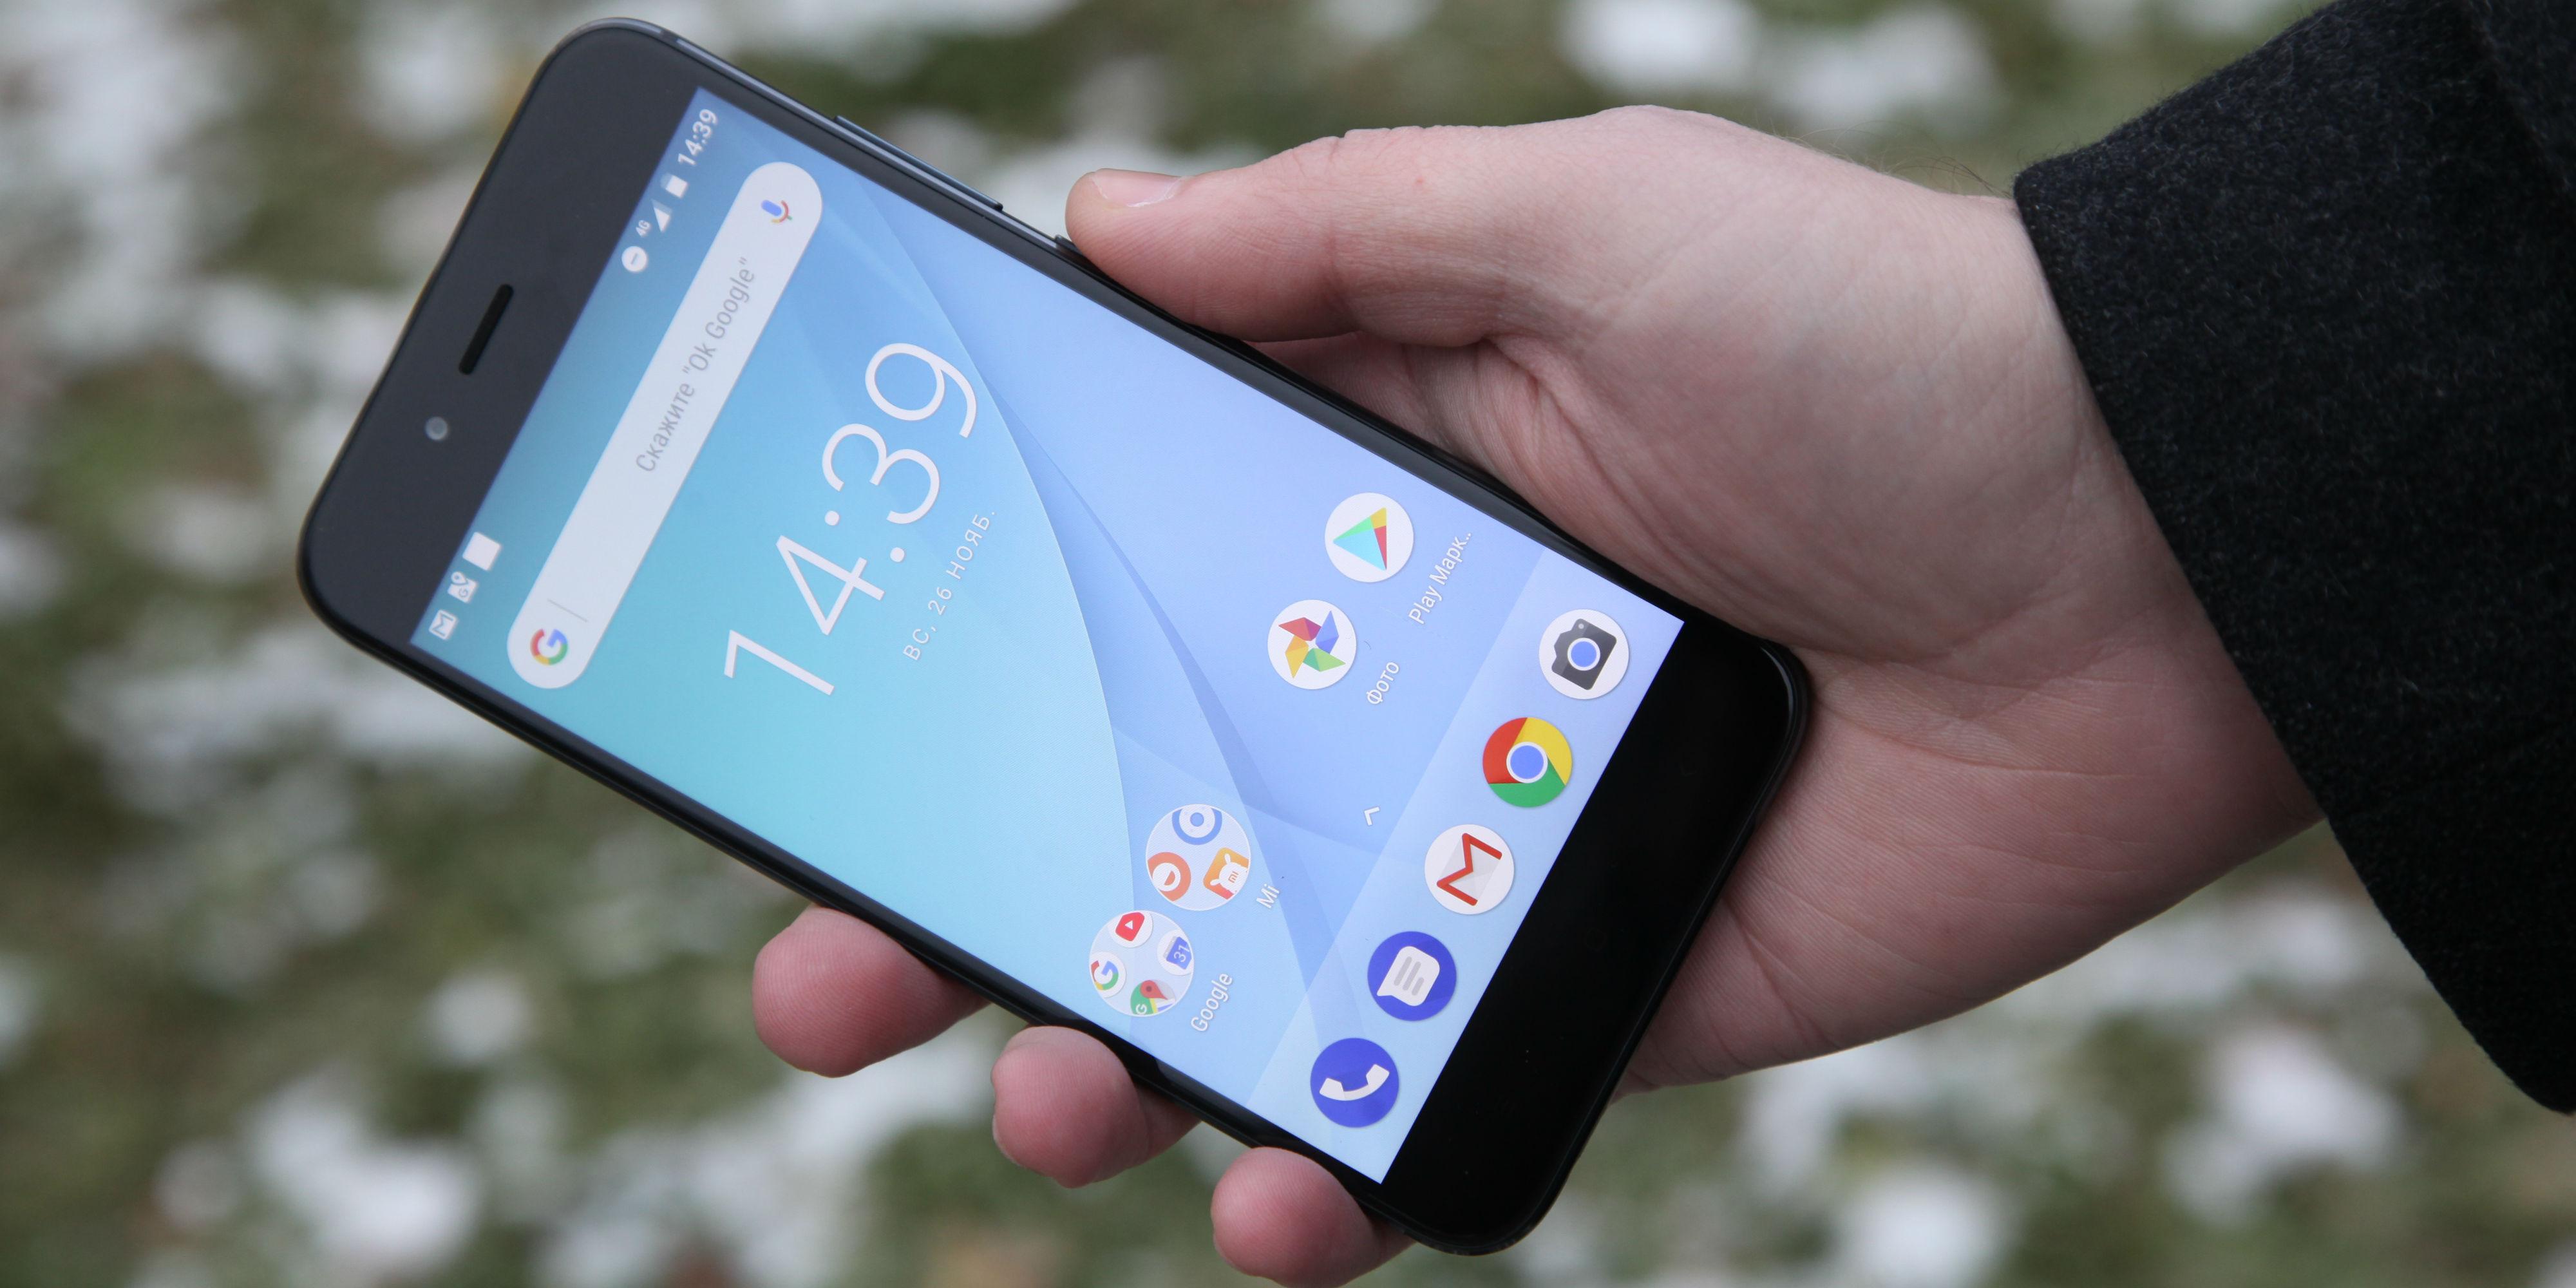 52d2b2a965125 ... оказался матовый Xiaomi Mi A1 чёрного цвета. Это очень приятный  аппарат, который радует глаз. Тонкий, металлический, с чуть скруглёнными  краями смартфон ...